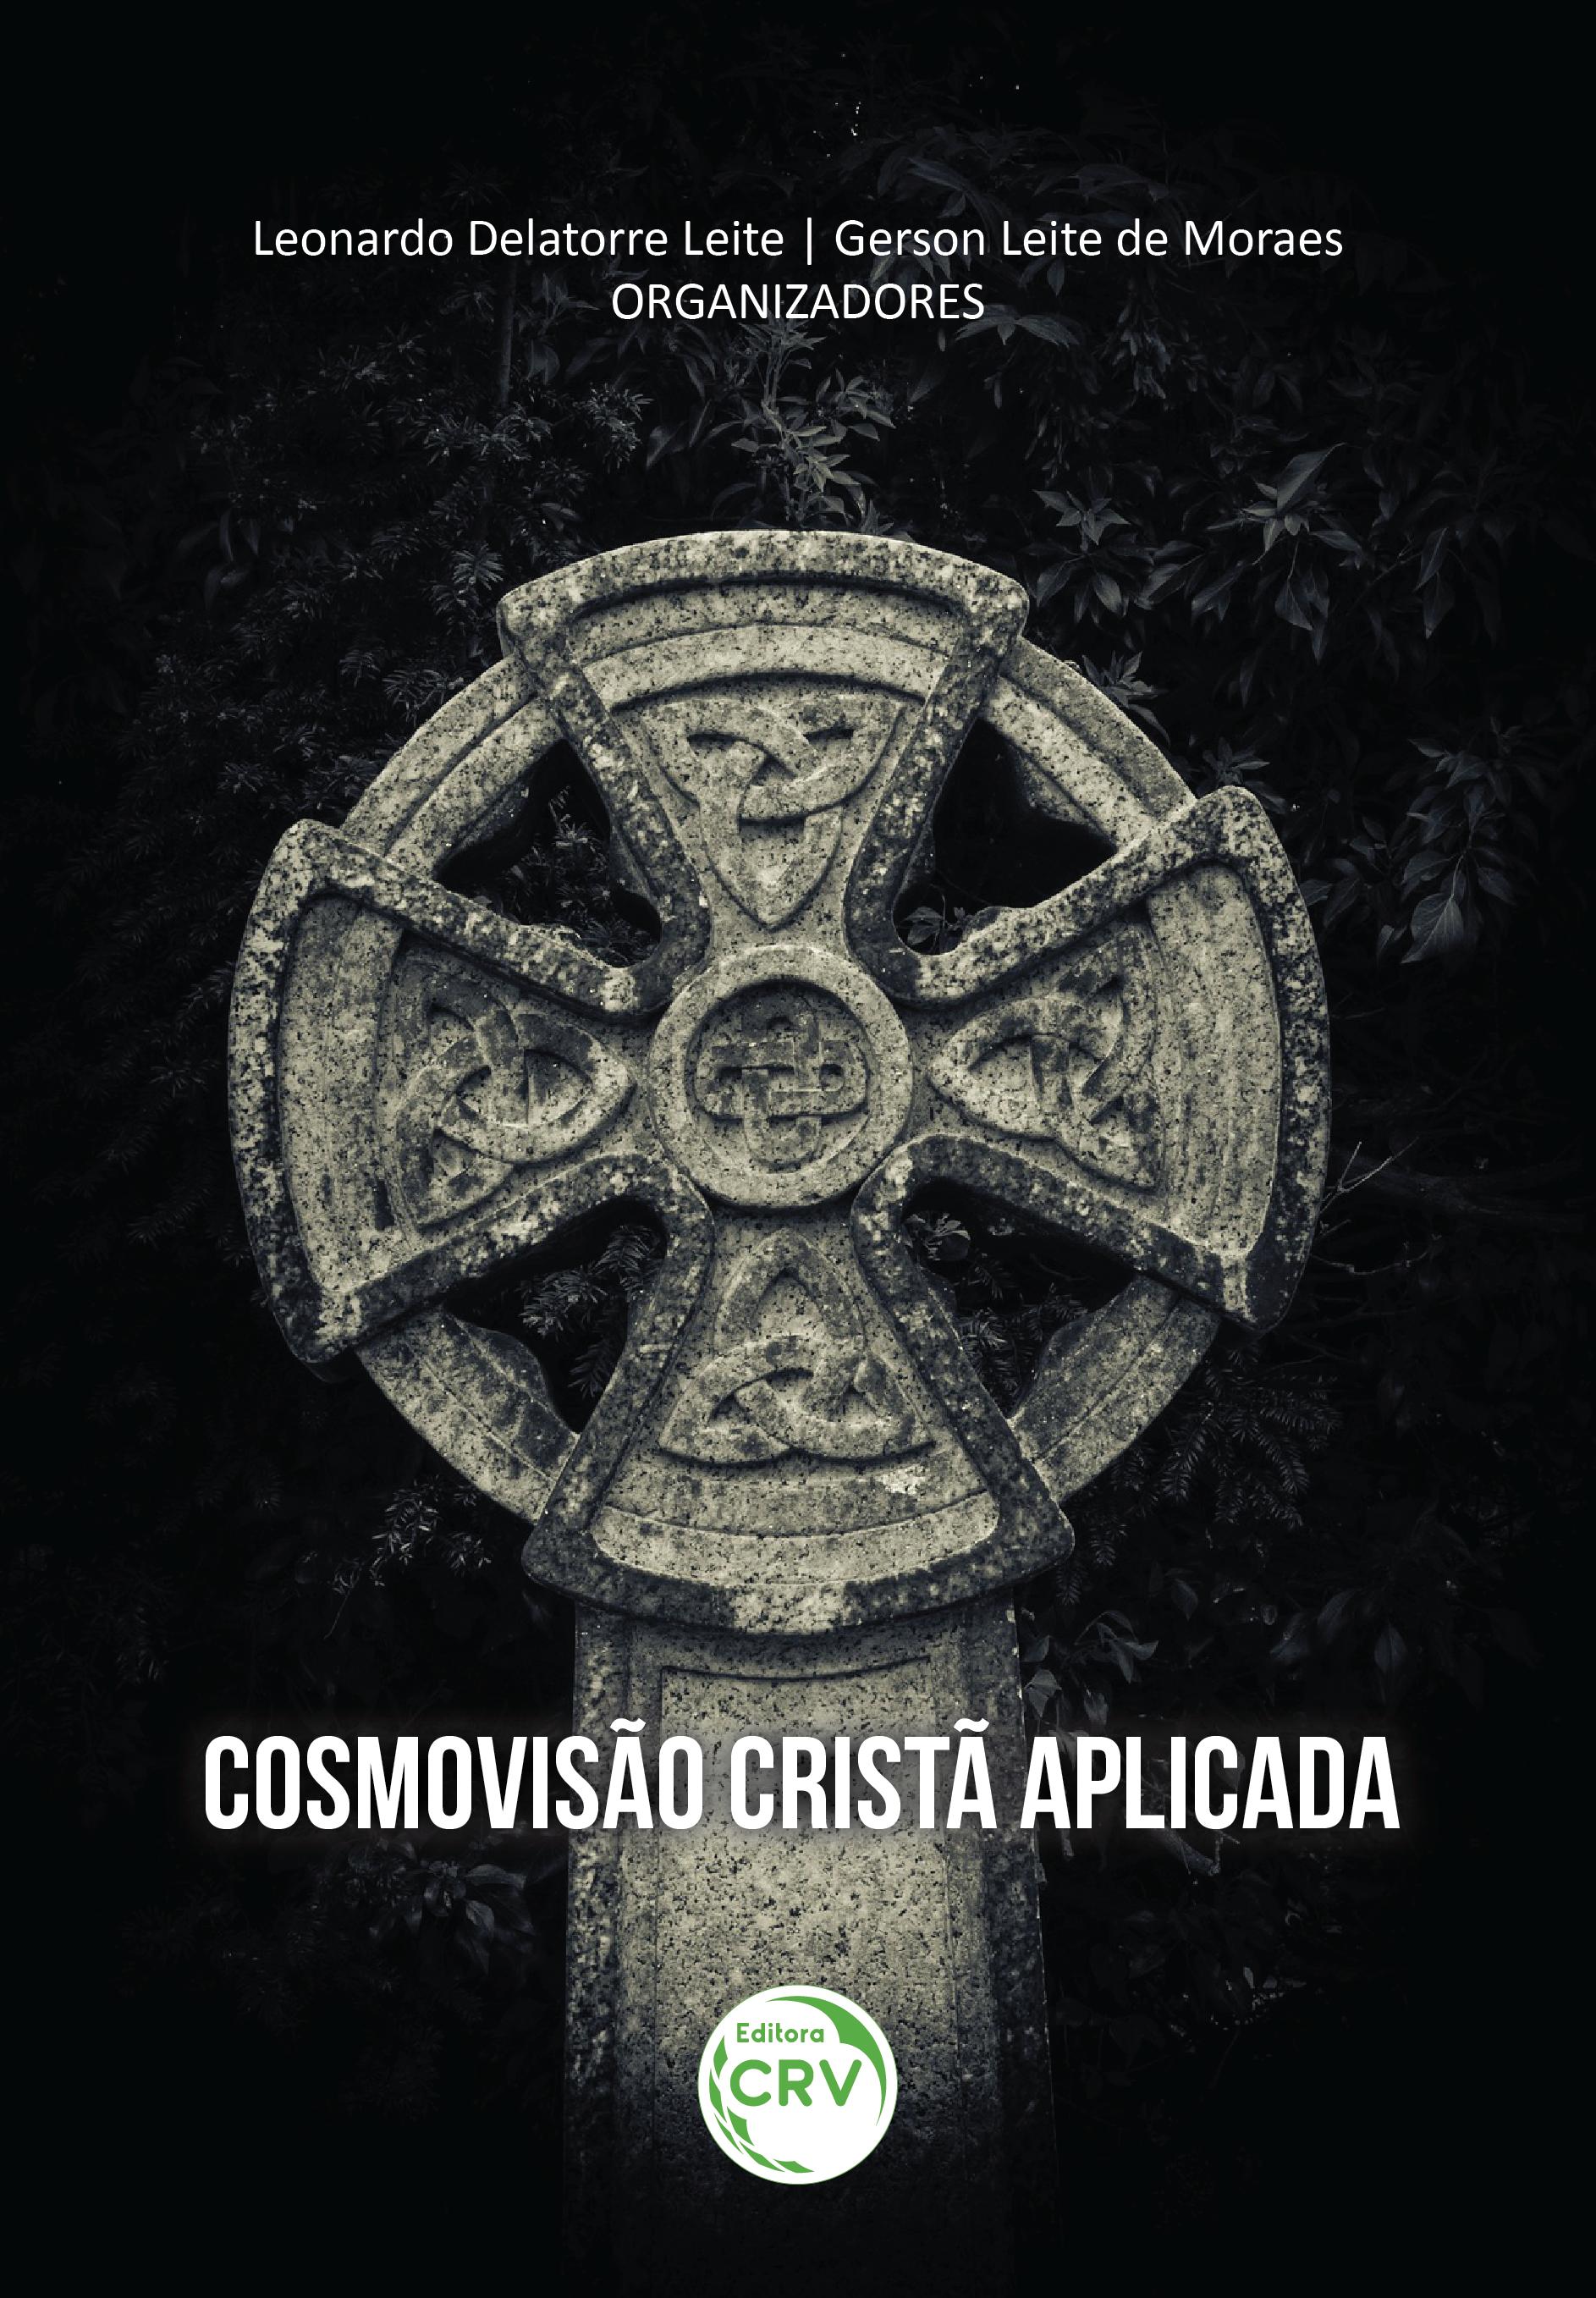 Capa do livro: COSMOVISÃO CRISTÃ APLICADA